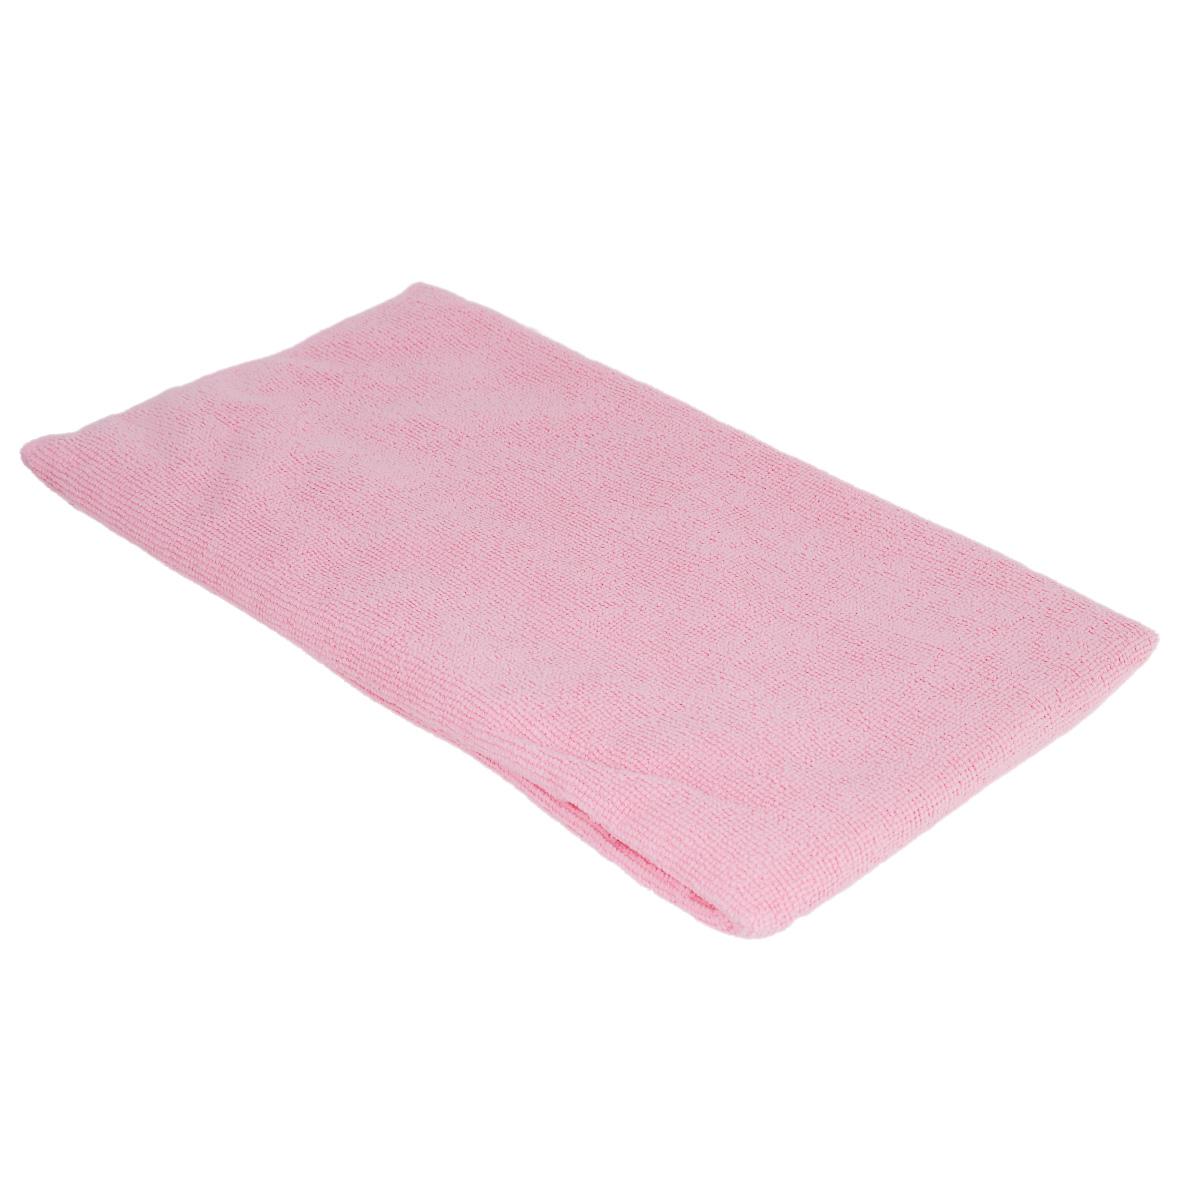 Тряпка для пола Home Queen Макси, цвет: розовый, 70 см х 80 см66371Тряпка для пола Home Queen Макси выполнена из микрофибры и предназначена для мытья напольных покрытий из любых материалов. Эффективно очищает любую поверхность, отлично отжимается и имеет долгий срок службы. Применяется для влажной и сухой уборки. Размер тряпки: 70 см х 80 см.